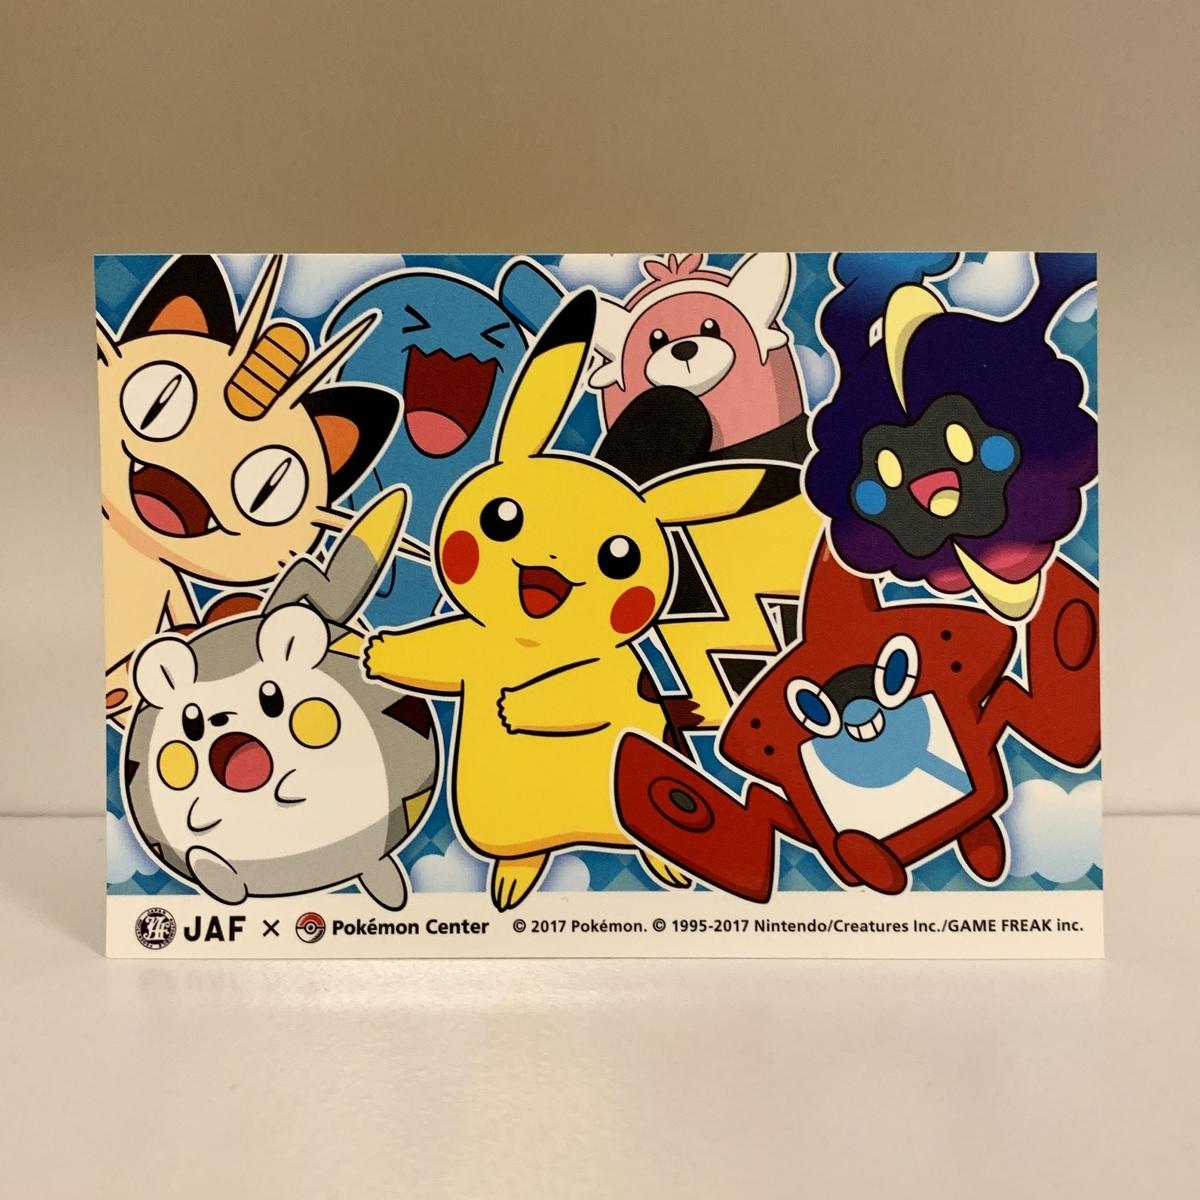 f:id:pikachu_pcn:20190503195015j:plain